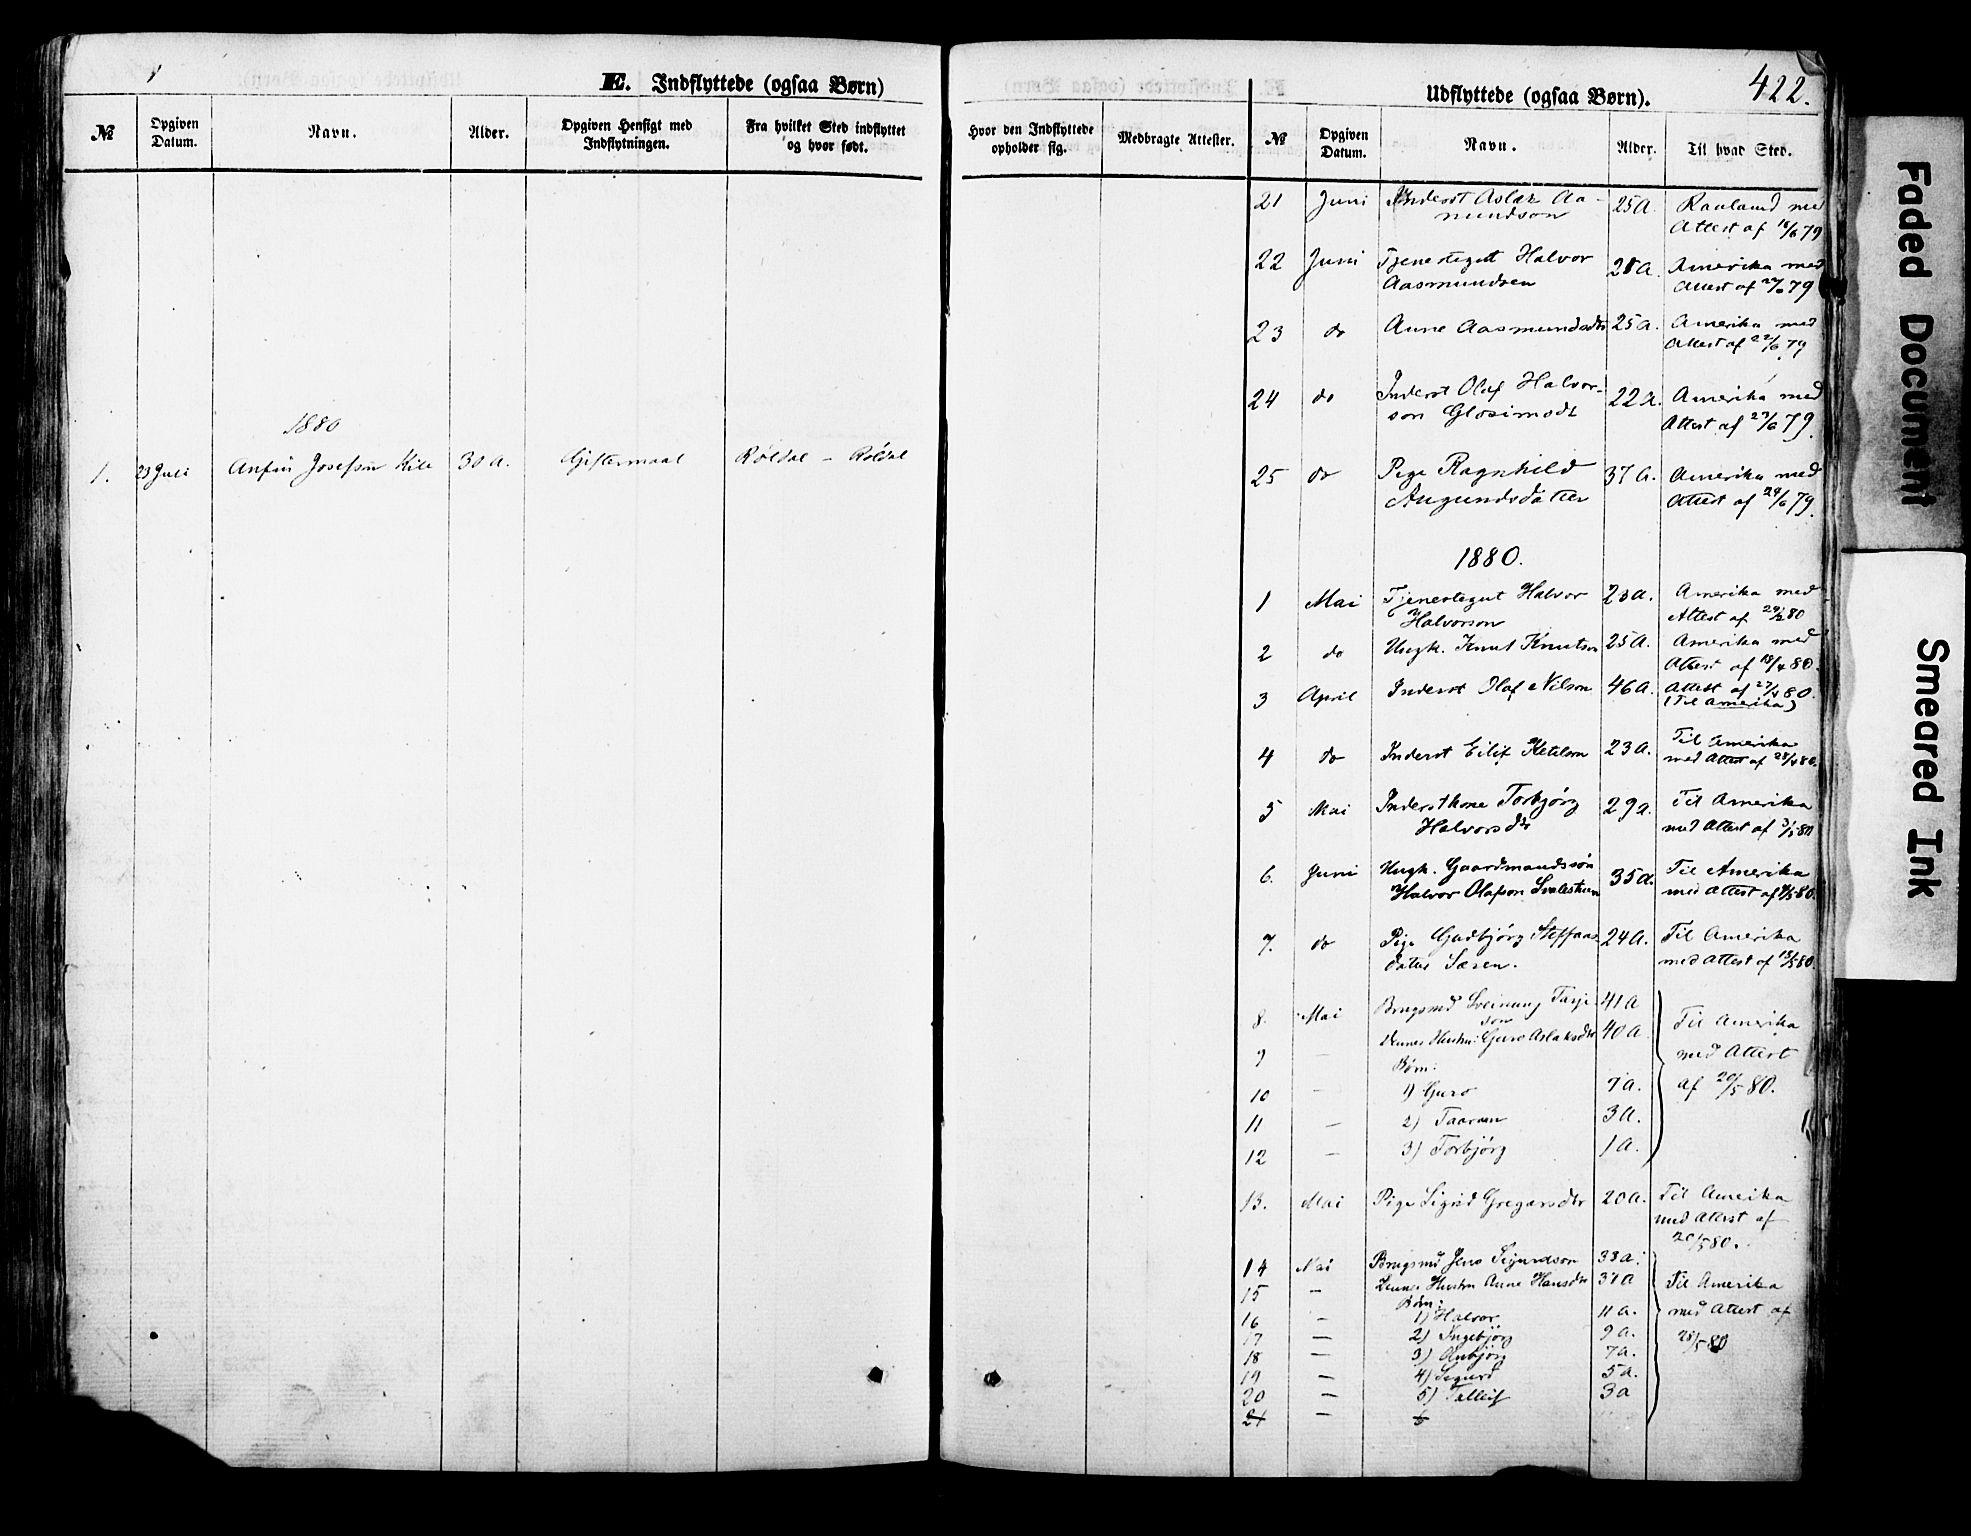 SAKO, Vinje kirkebøker, F/Fa/L0005: Ministerialbok nr. I 5, 1870-1886, s. 422